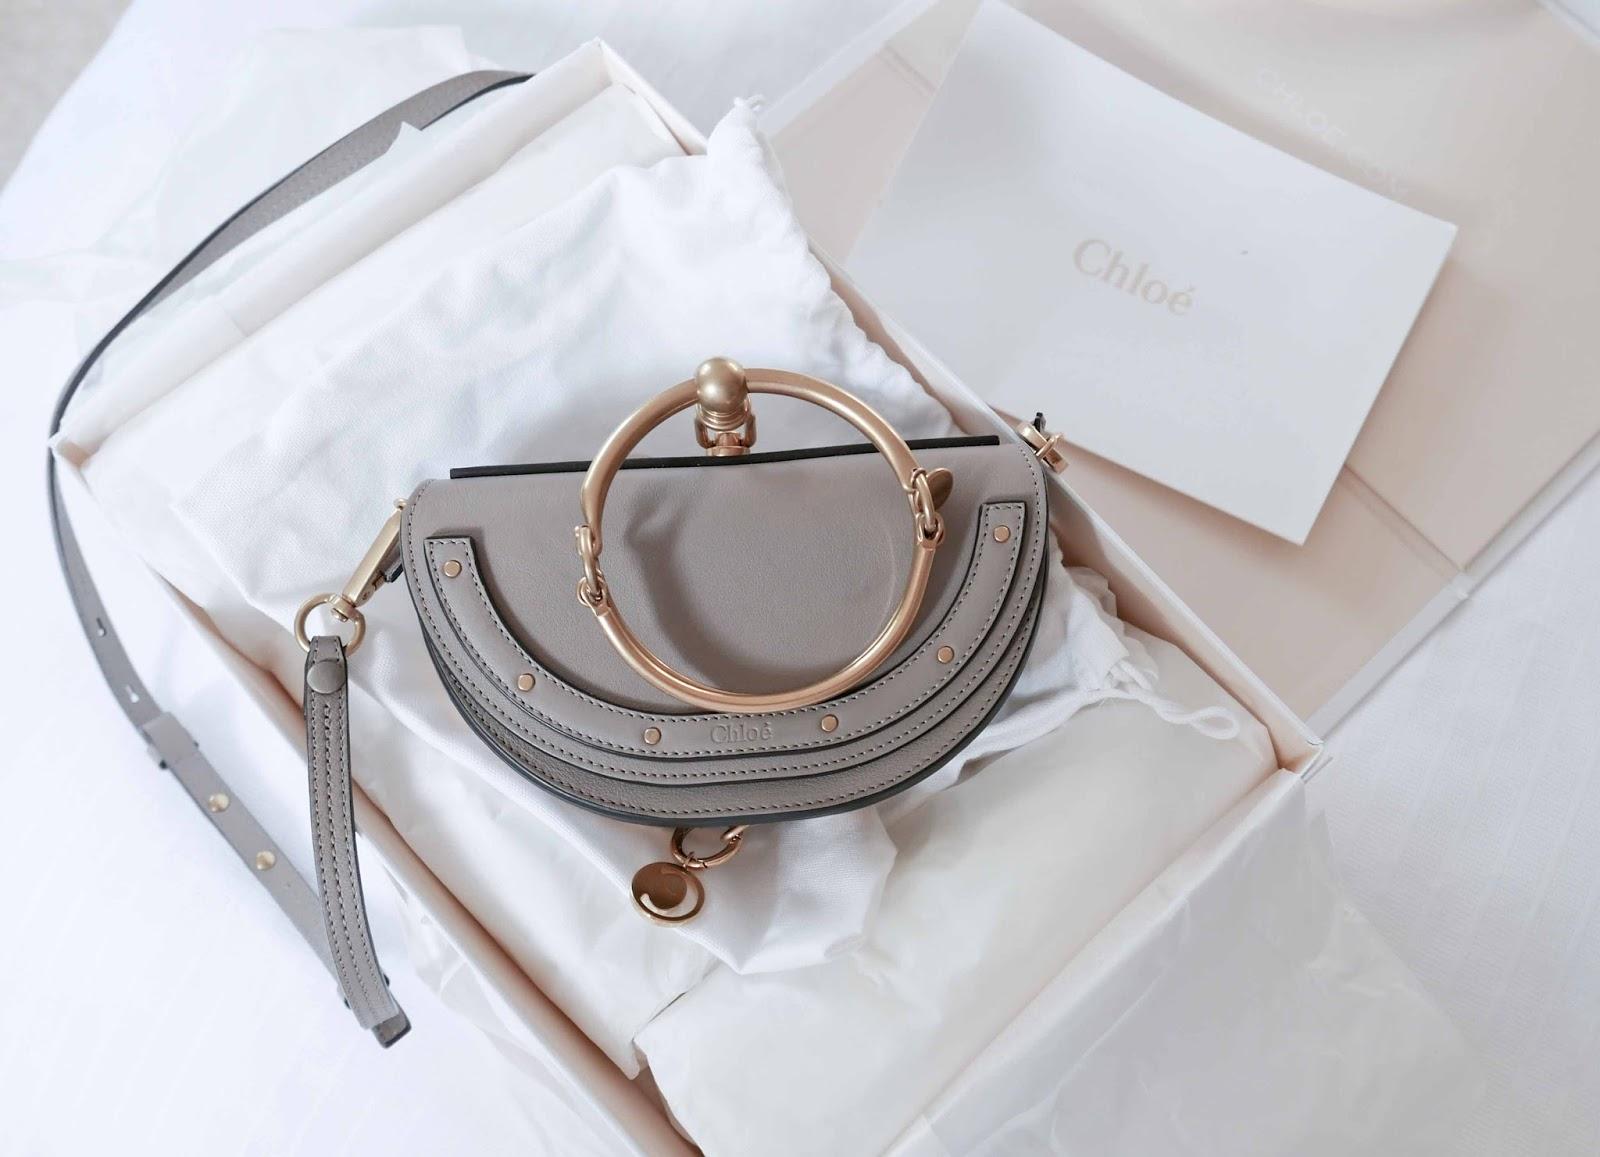 168ad80c7cd9 Fashion Blog  CHLOE NILE BRACELET BAG